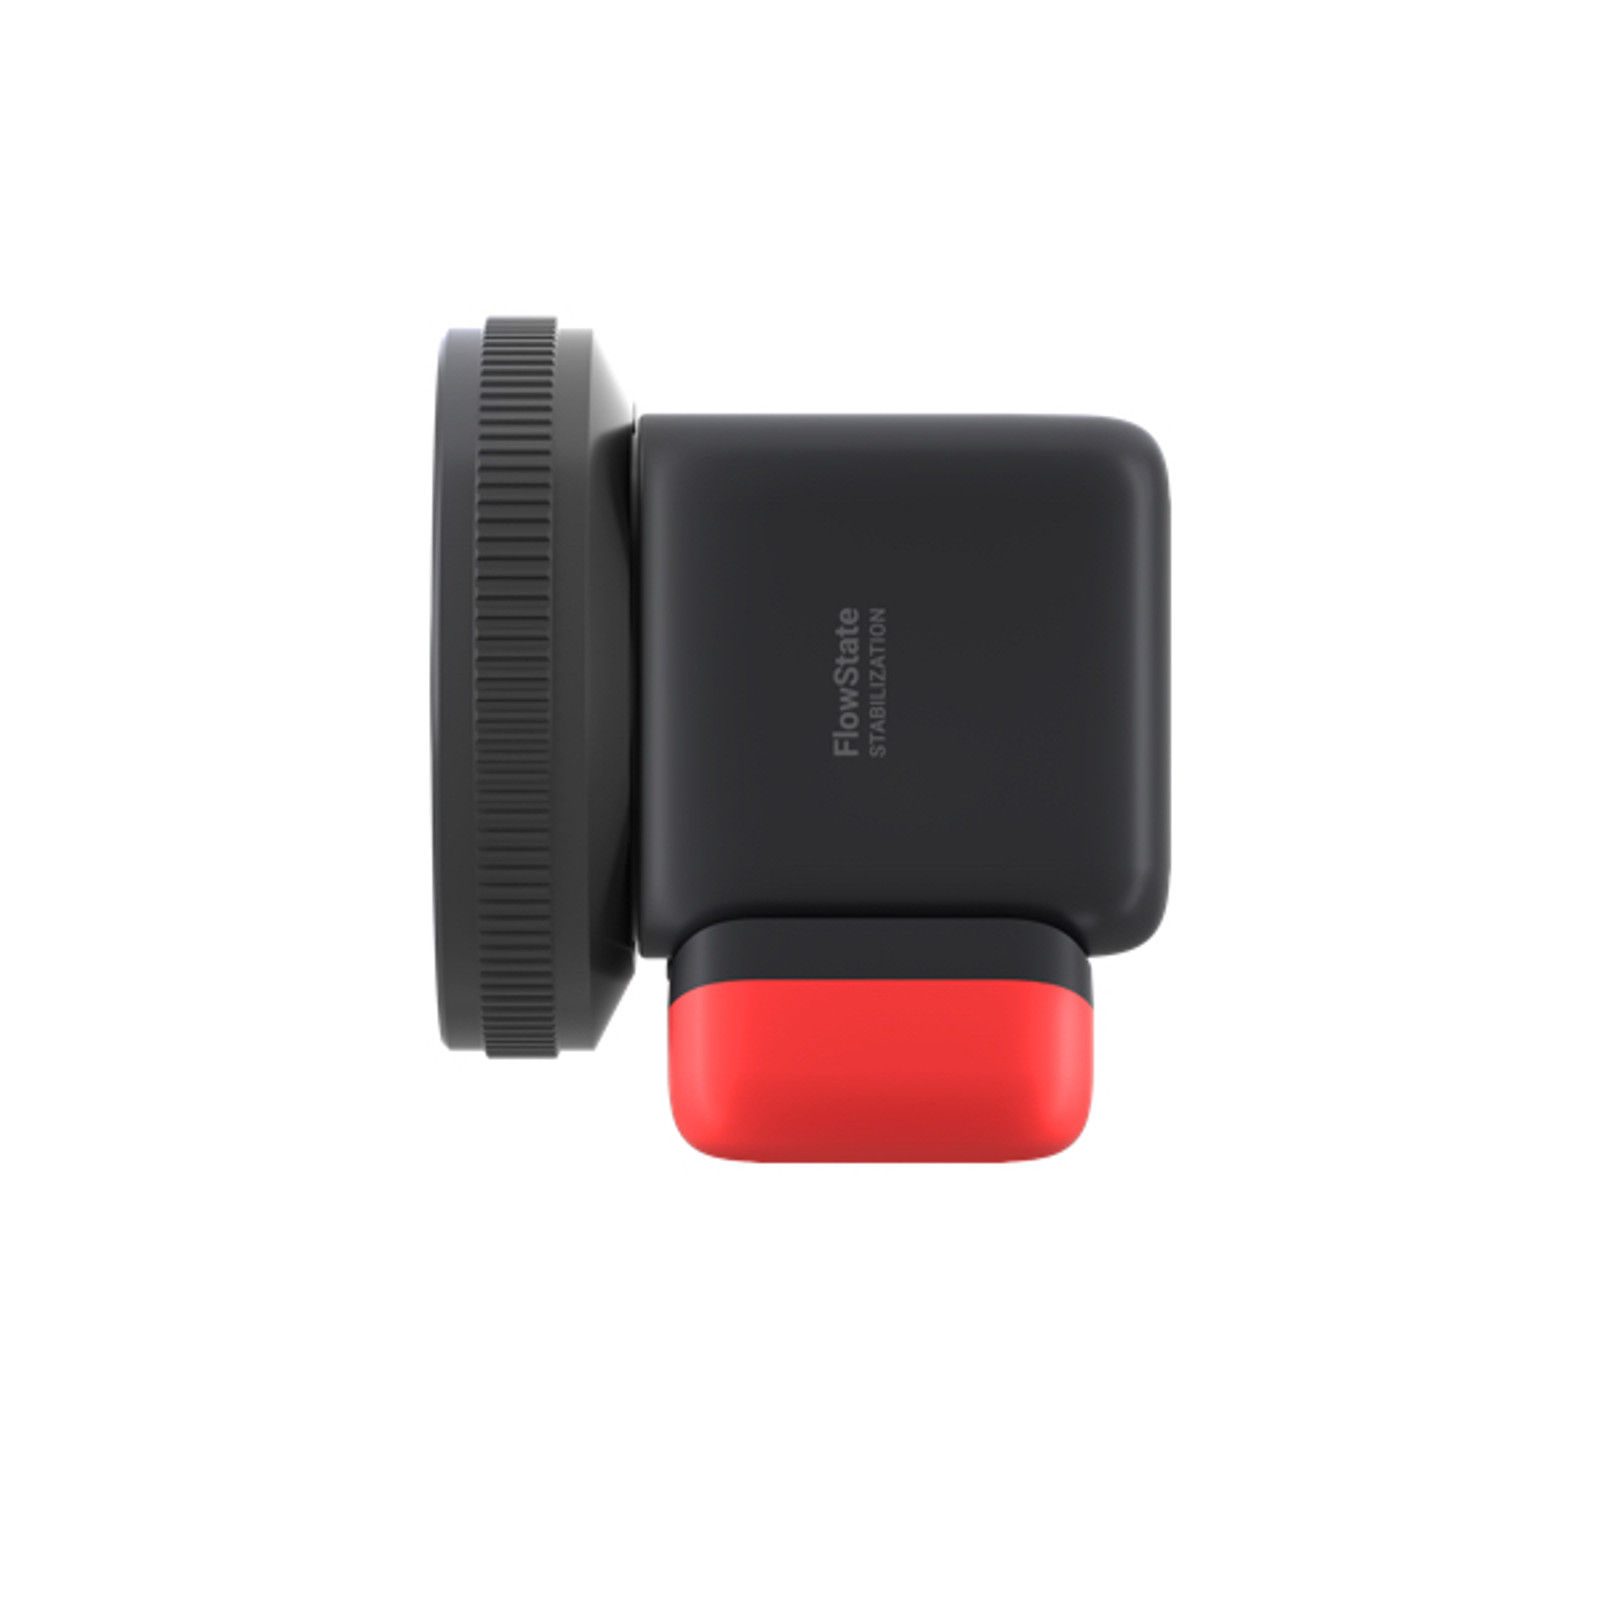 Insta360 ONE R - 1 inch (Leica) Edition - side